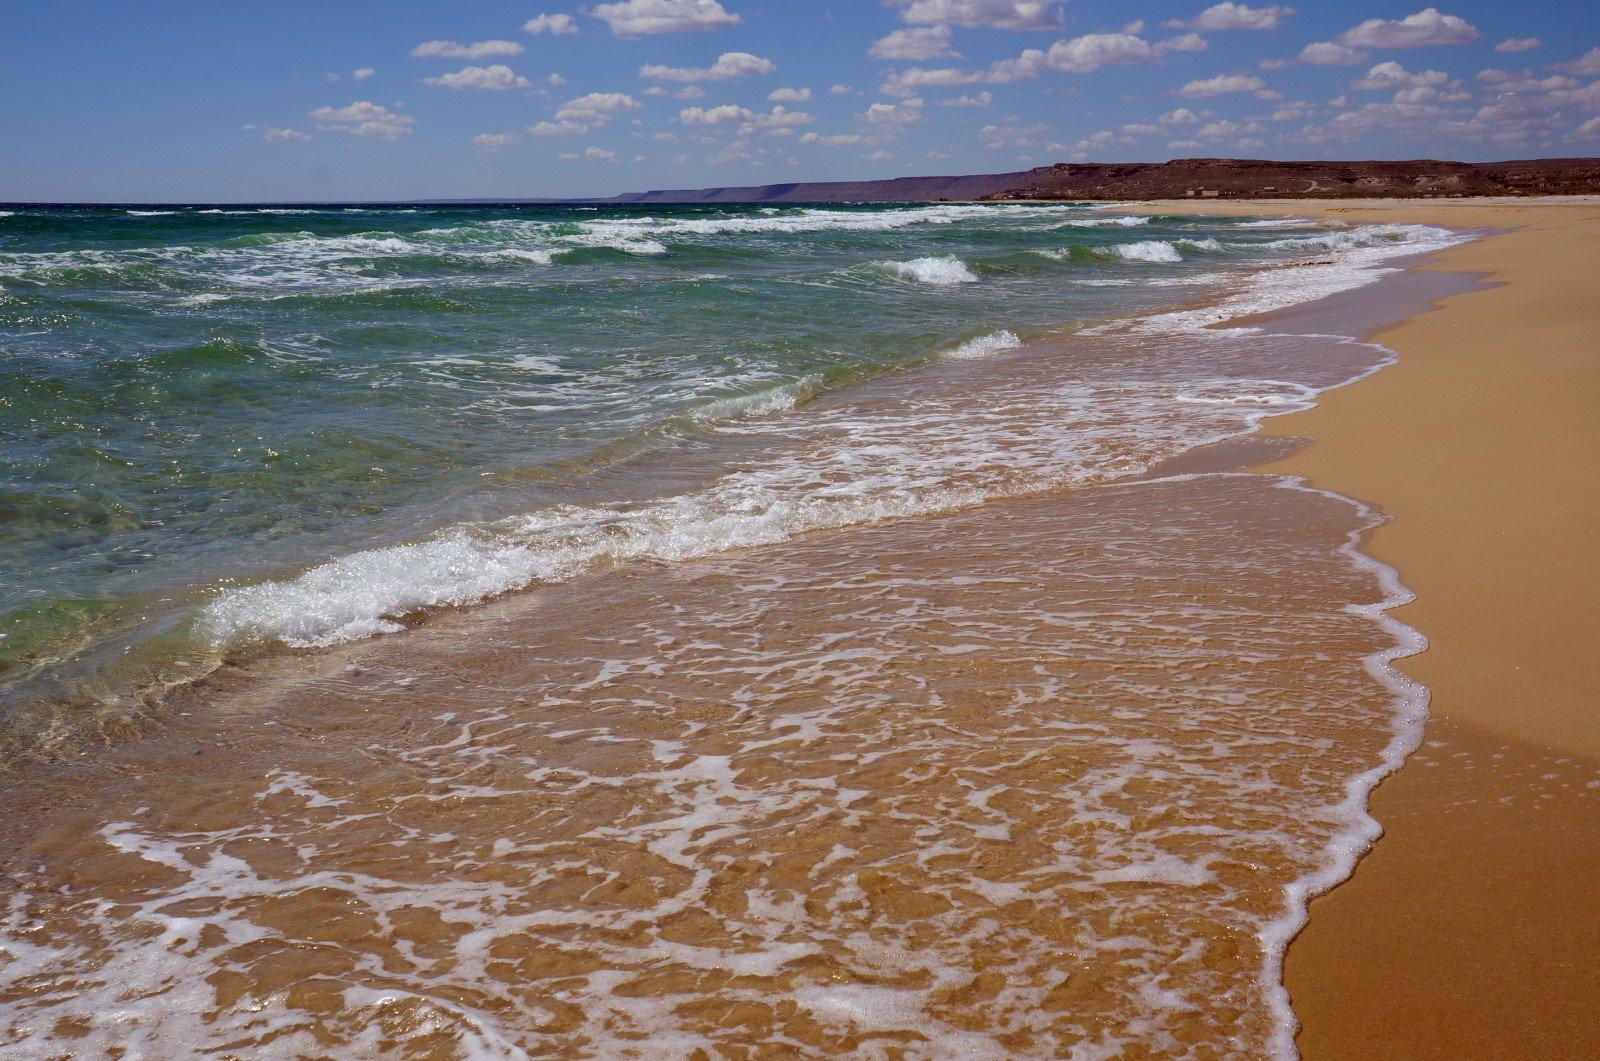 берег каспийского моря фото развлечений